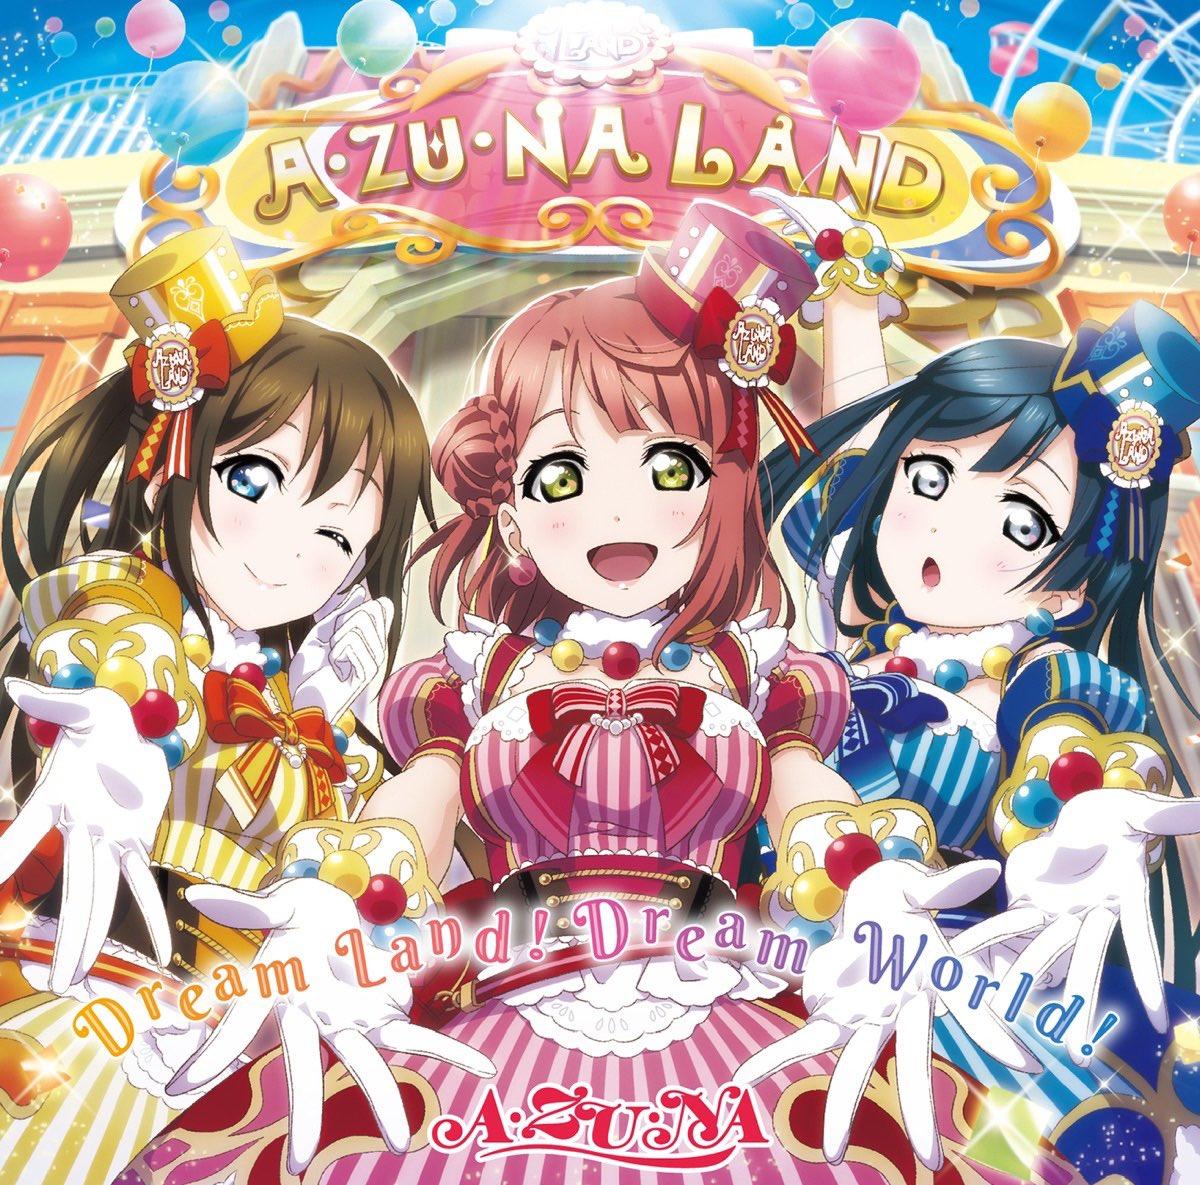 【新作】本日発売の虹ヶ咲学園スクールアイドル同好会ユニット A・ZU・NAの『Dream Land!Dream World!』の作曲を担当しました!😊✨ 久々の歌モノ、かつアイドルソングで、とても楽しく書かせていただきました☺️✨ ようこそ、A・ZU・NAランドへ♪ #lovelive #虹ヶ咲